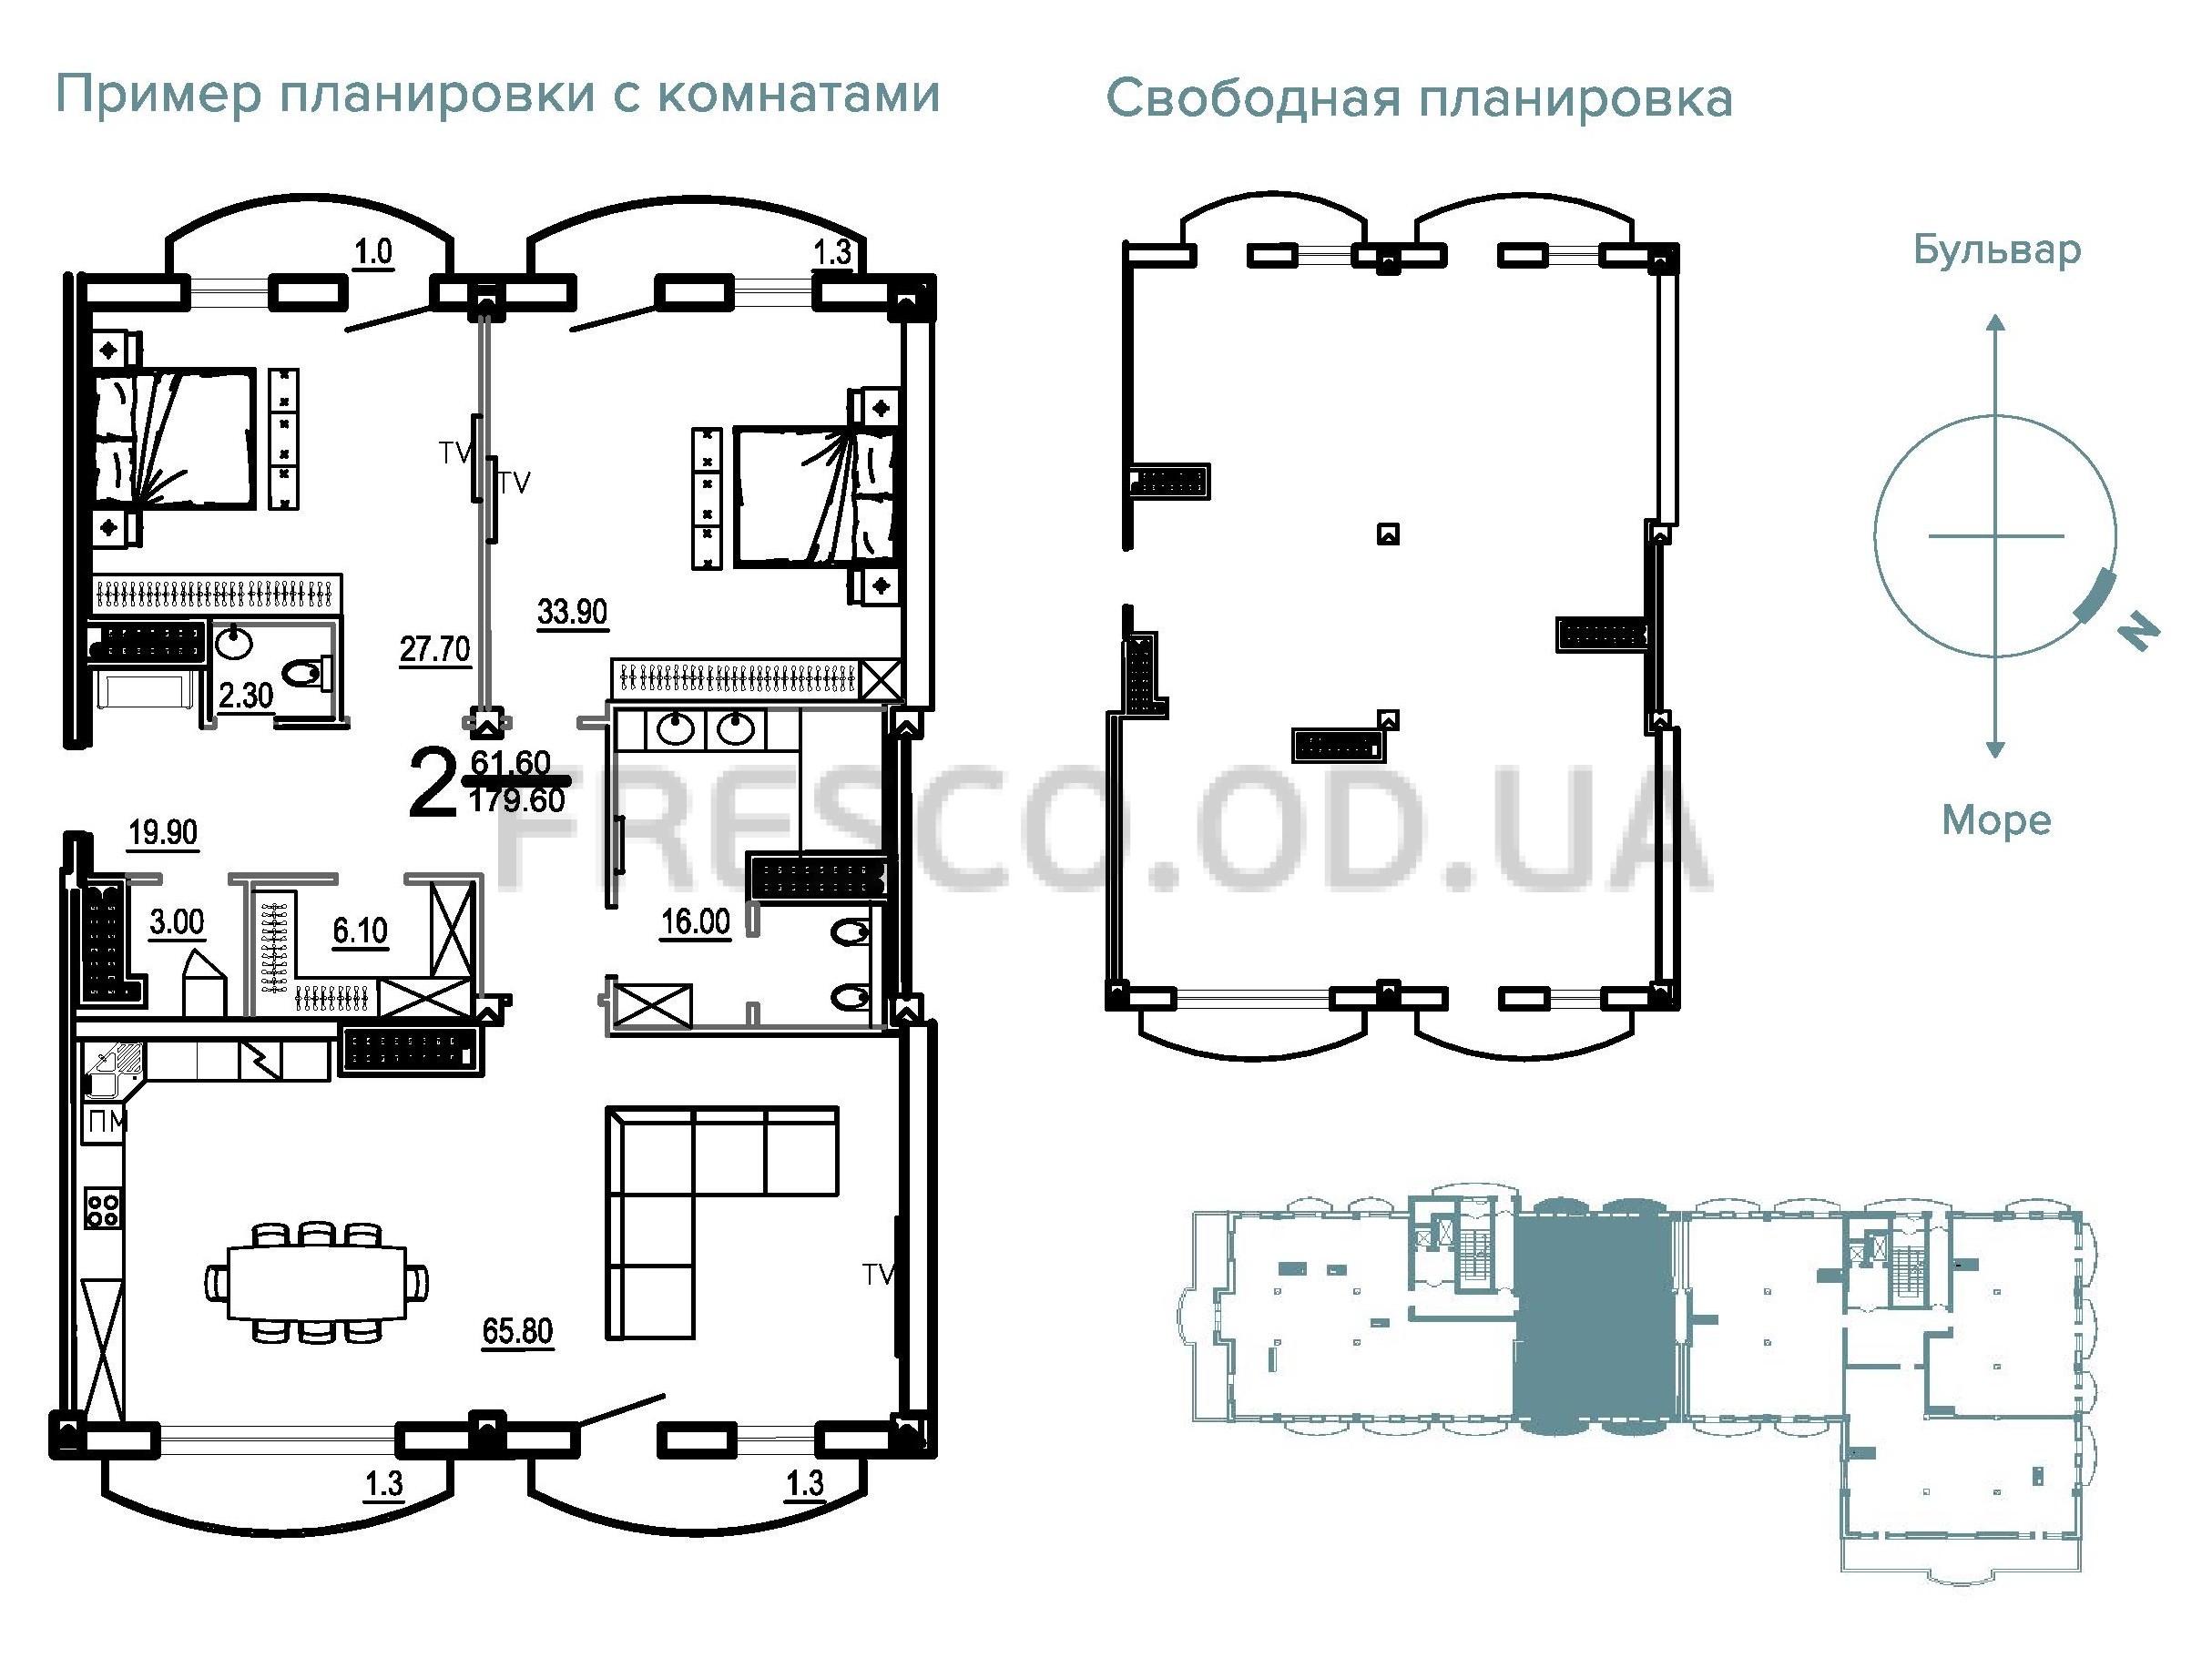 Двухкомнатная - Клубный Дом BIARRITZ (Биарриц)$628600Площадь:179,6m²